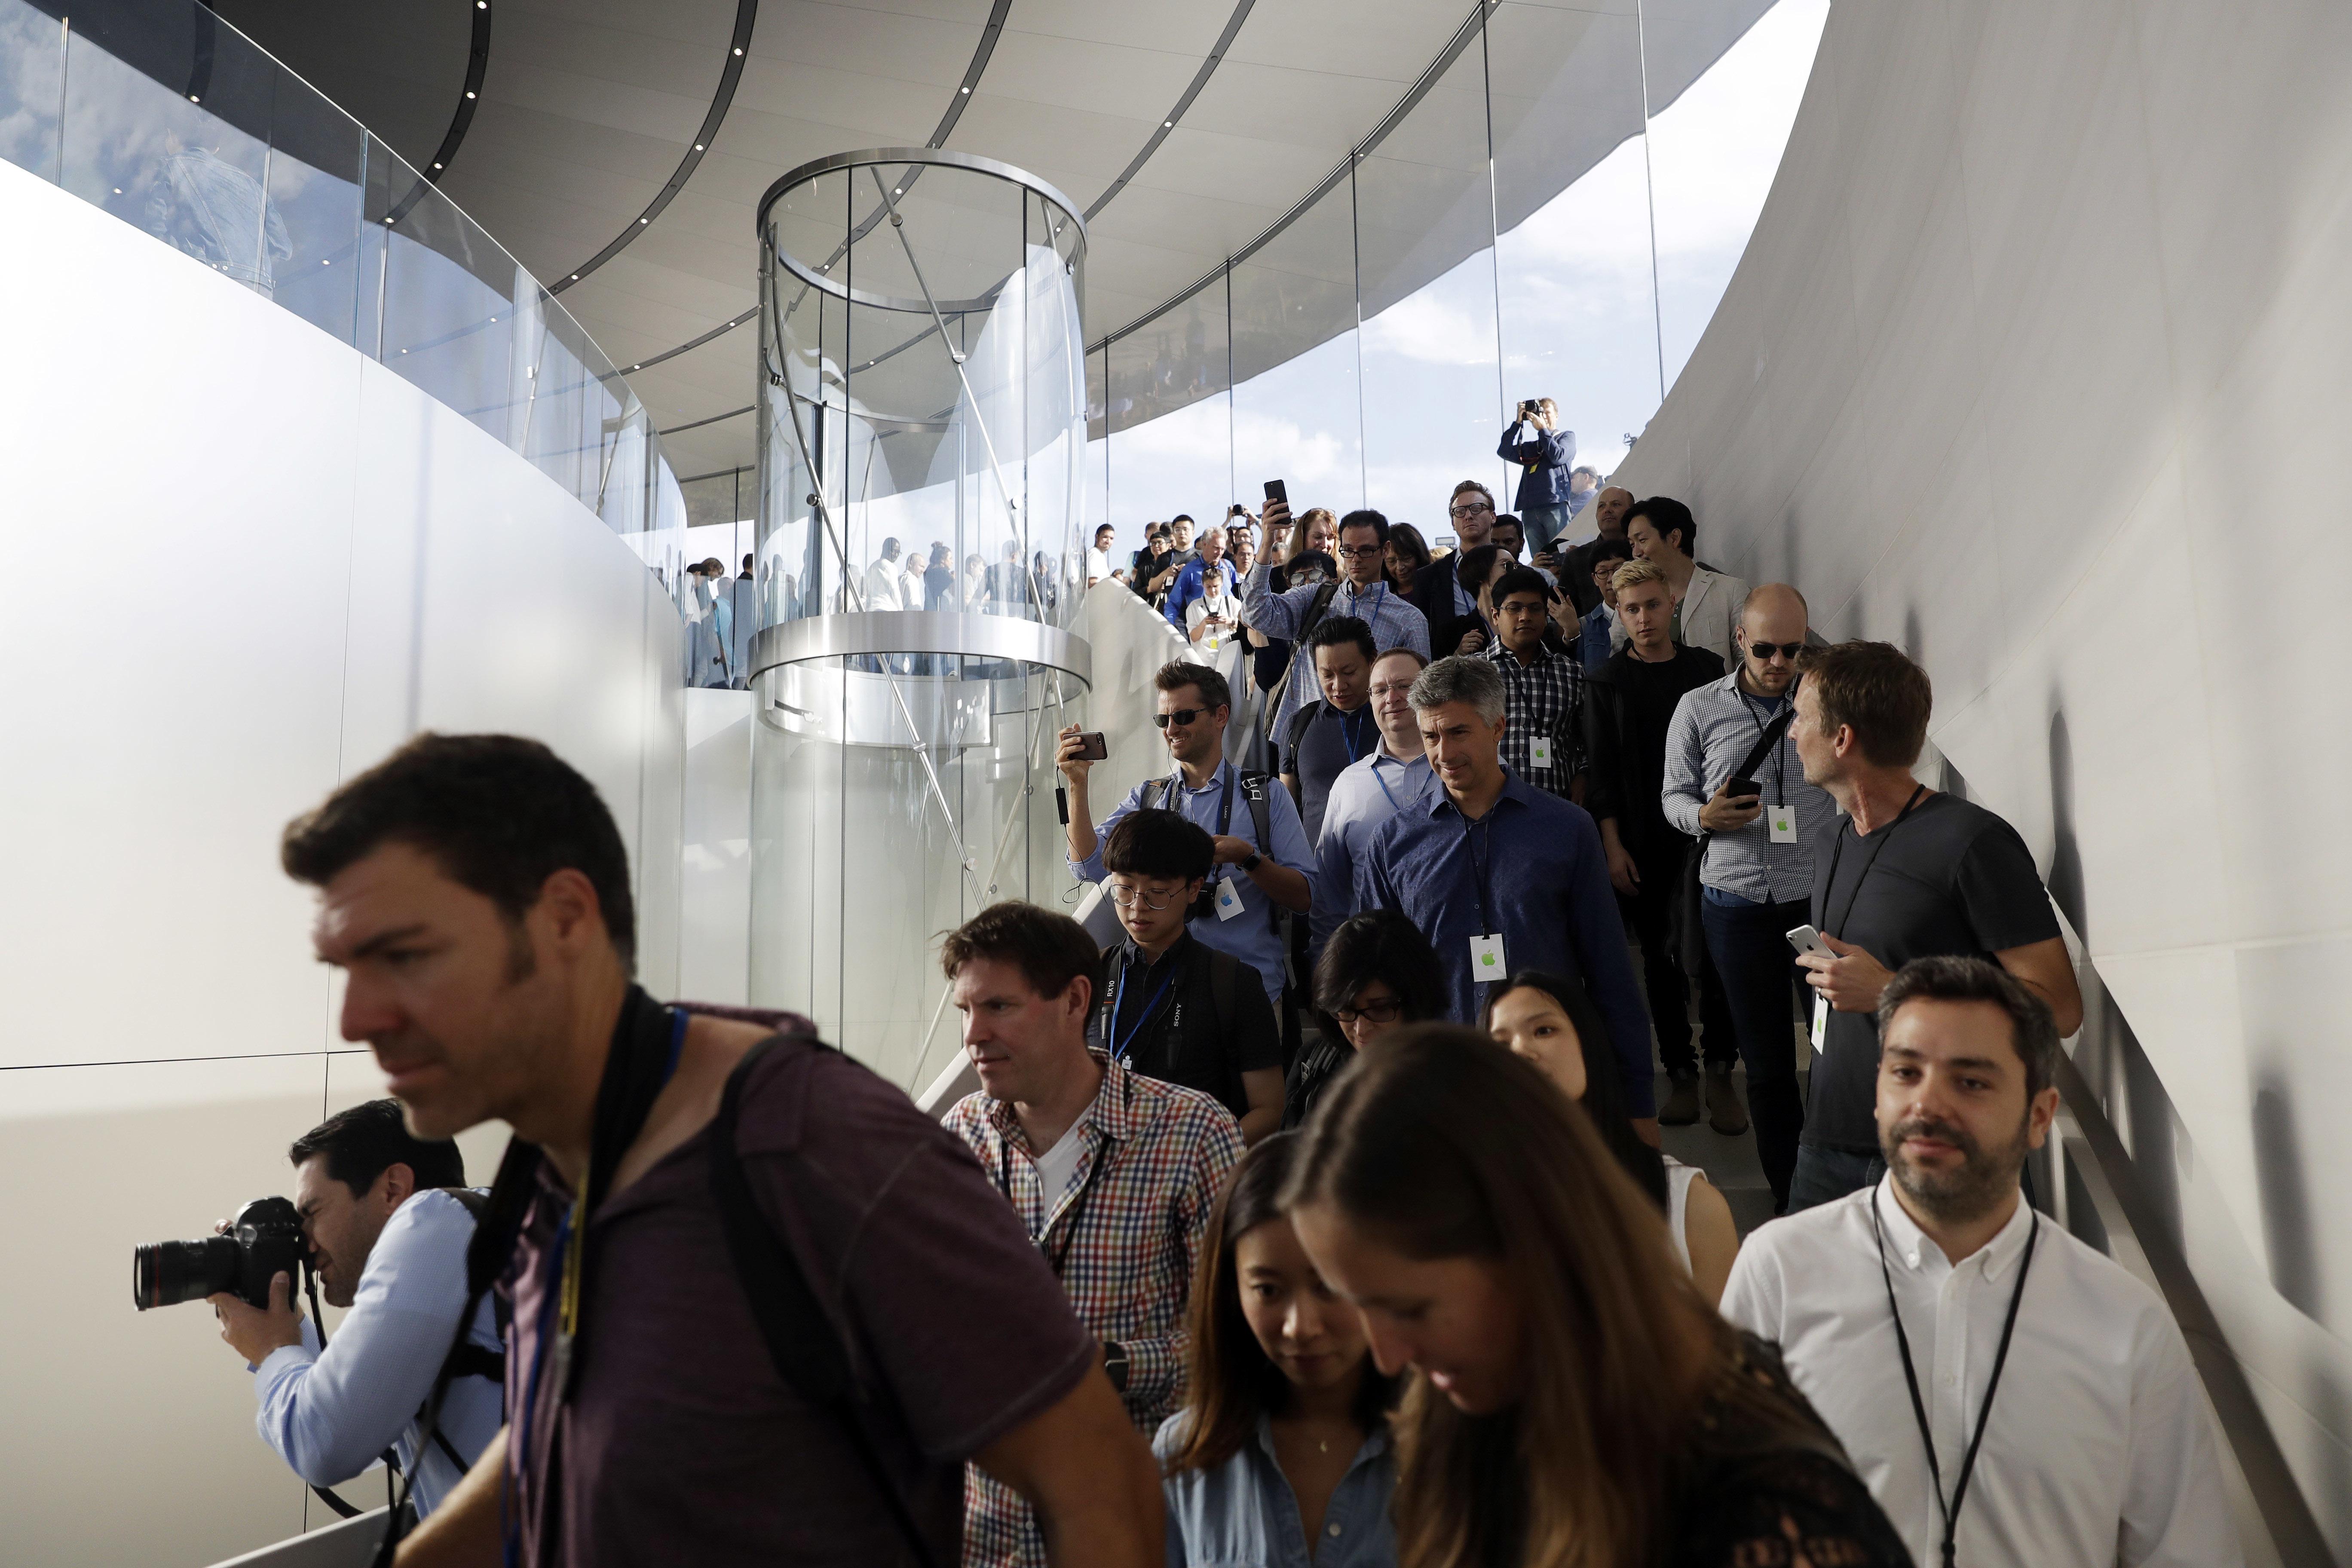 La entrada de los asistentes al auditorio